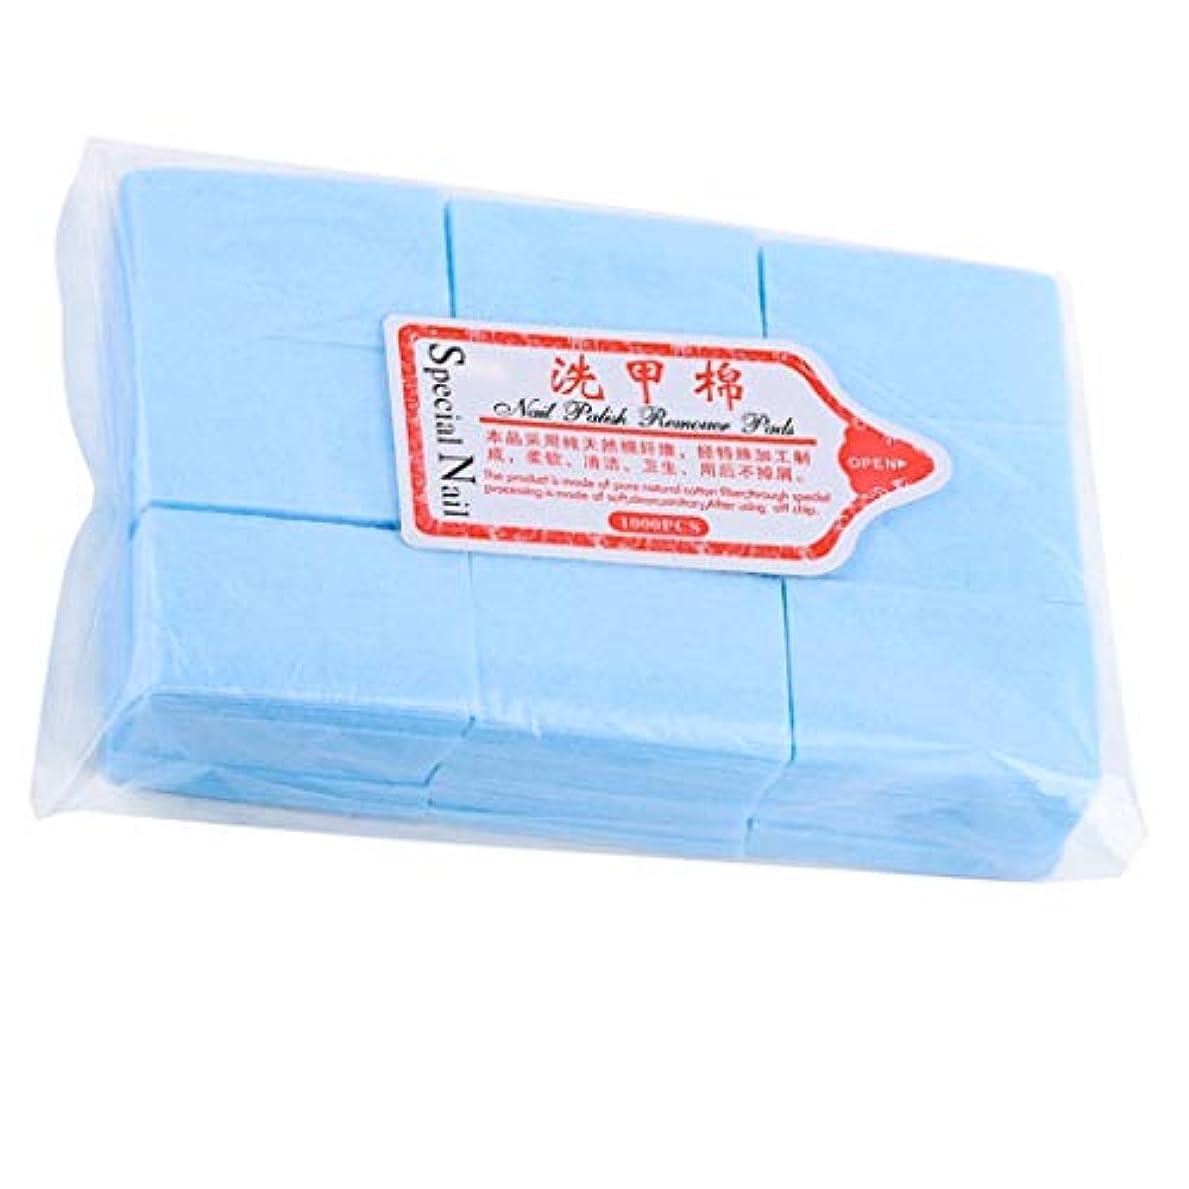 成熟弾力性のある王室Sharplace ネイルワイプ コットンパッド 使い捨て 化粧コットン クレンジングシート メイク落とし 全4色 - ブルー